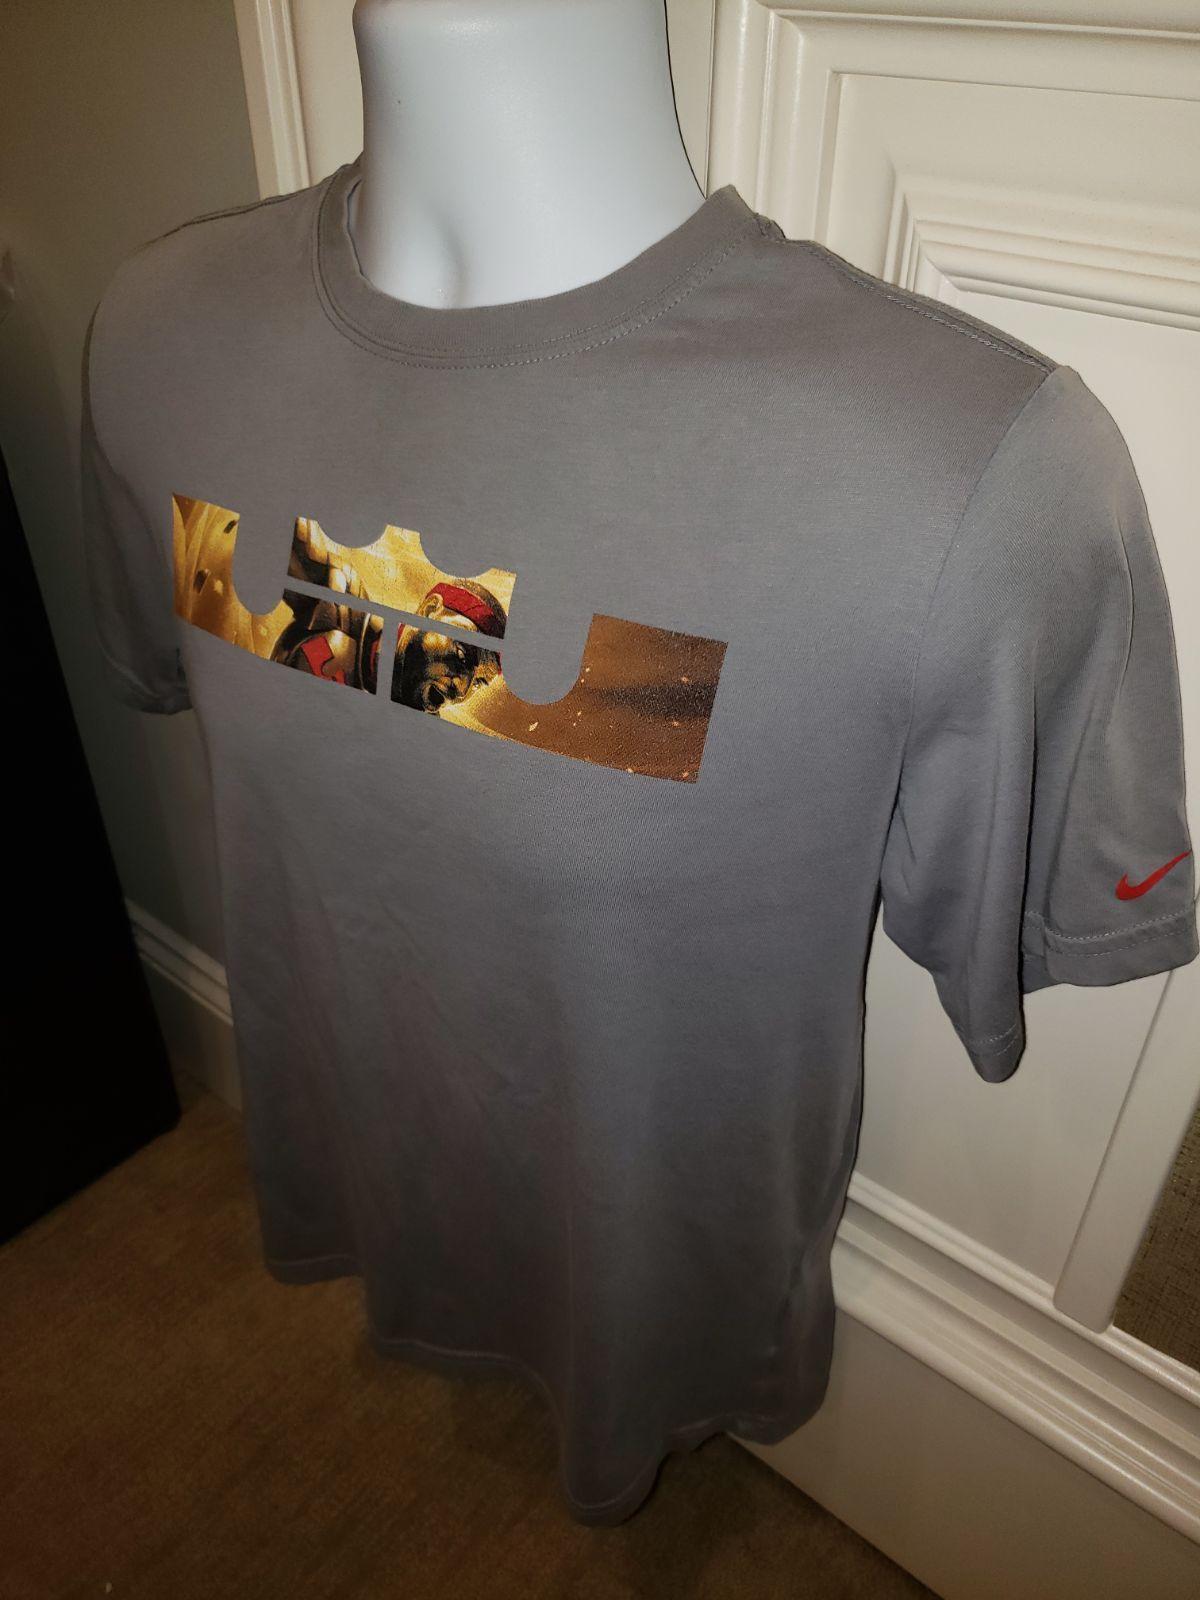 Nike Dri Fit Lebron James T Shirt Mercari Lebron James T Shirt Nike Dri Fit Dri Fit [ 1600 x 1200 Pixel ]